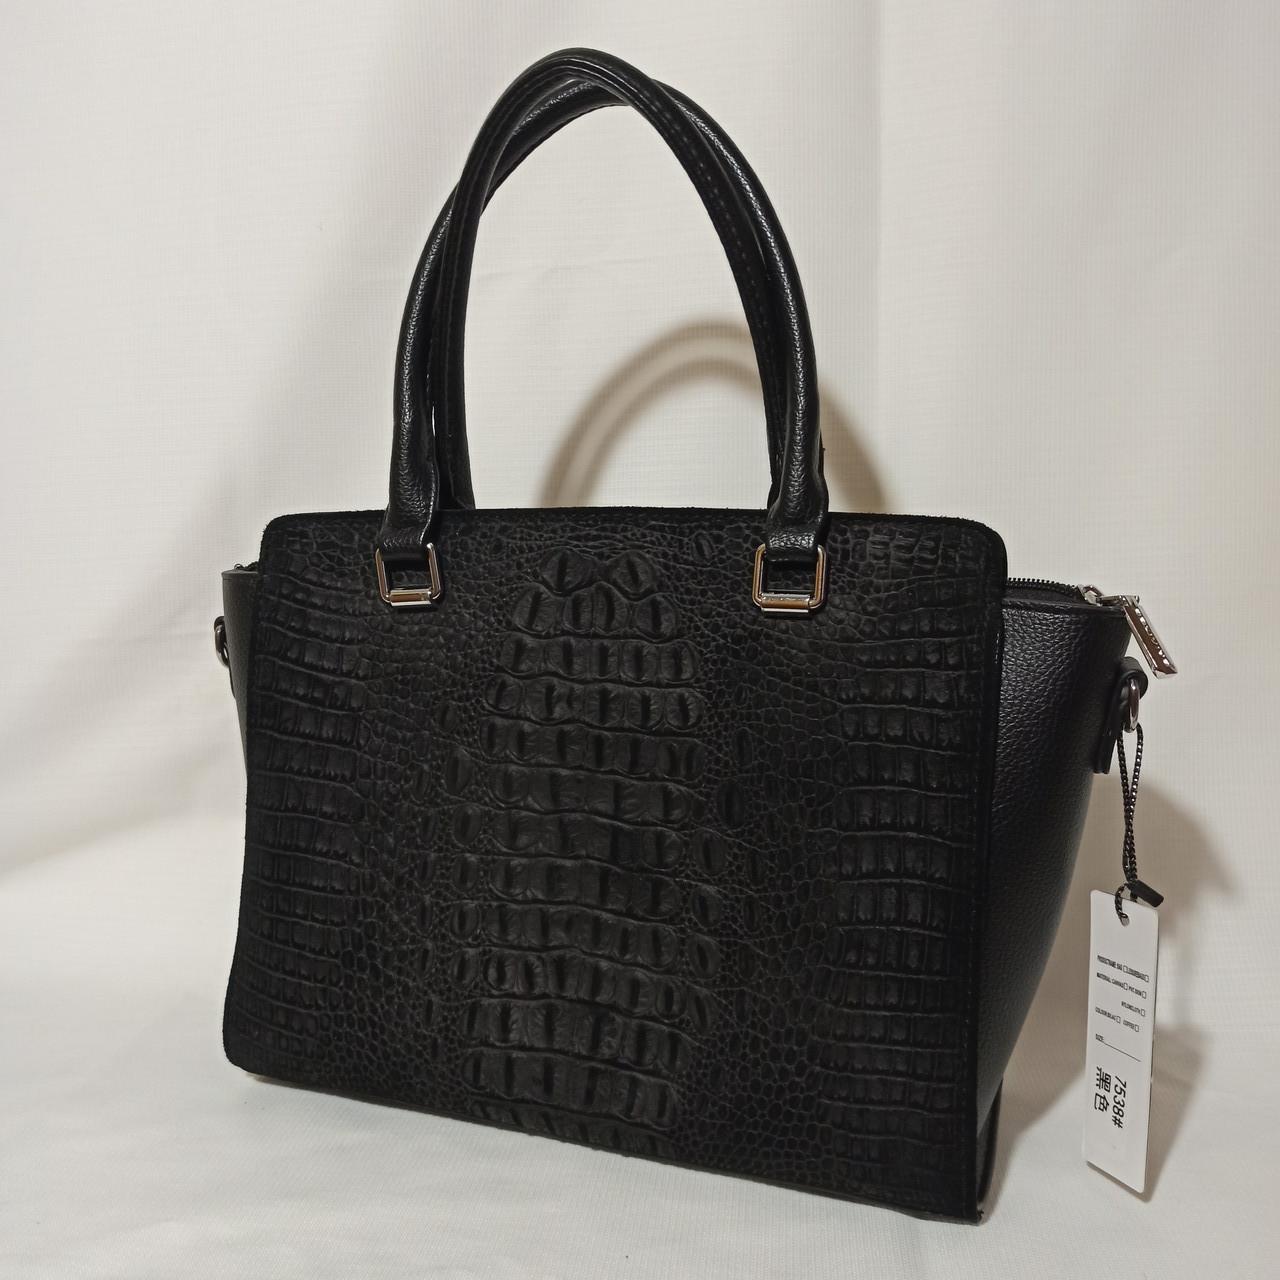 Класична жіноча сумка / Классическая женская сумка 7538